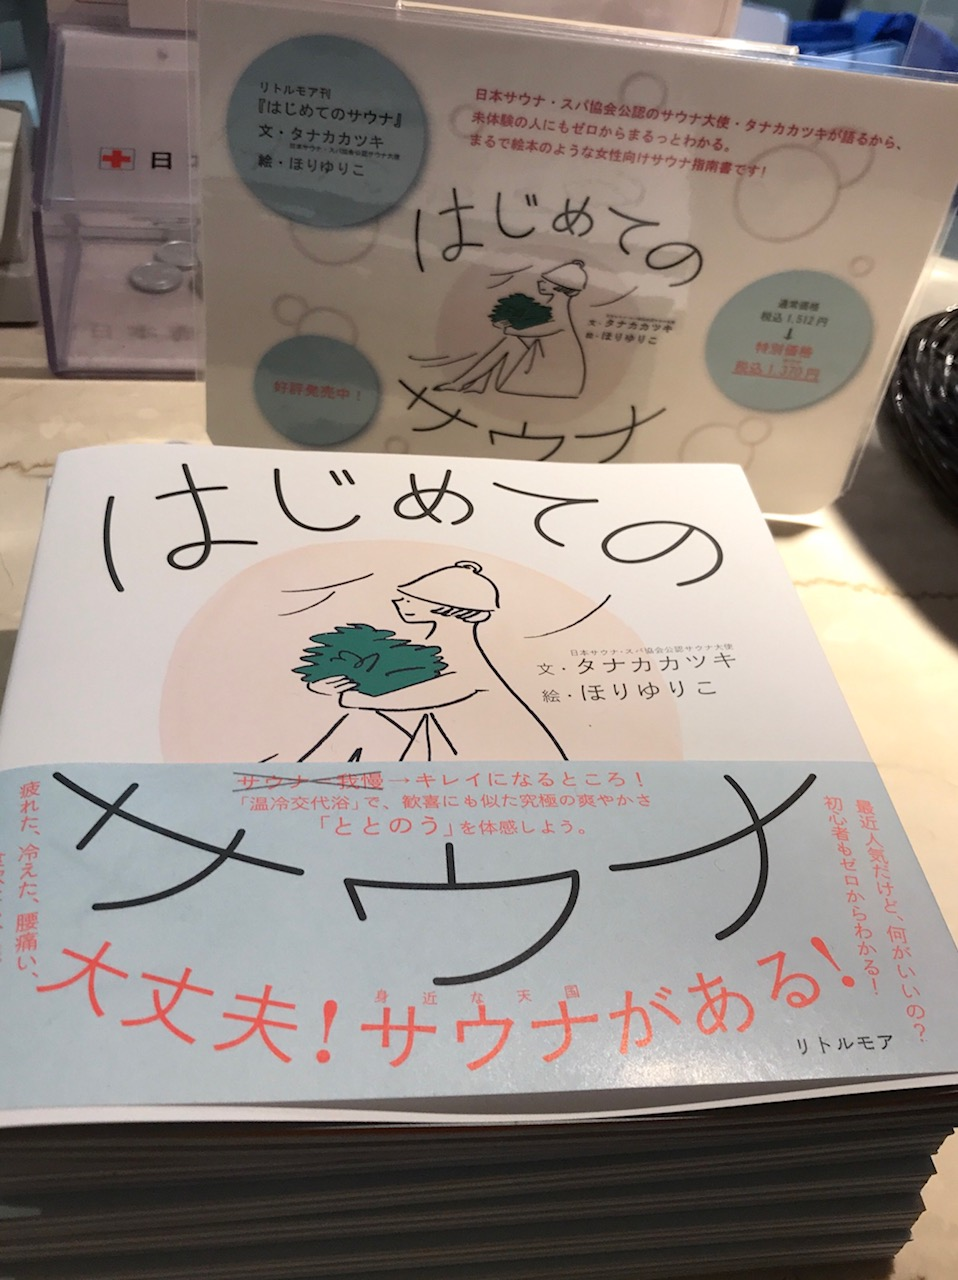 image1 (004)サウナ